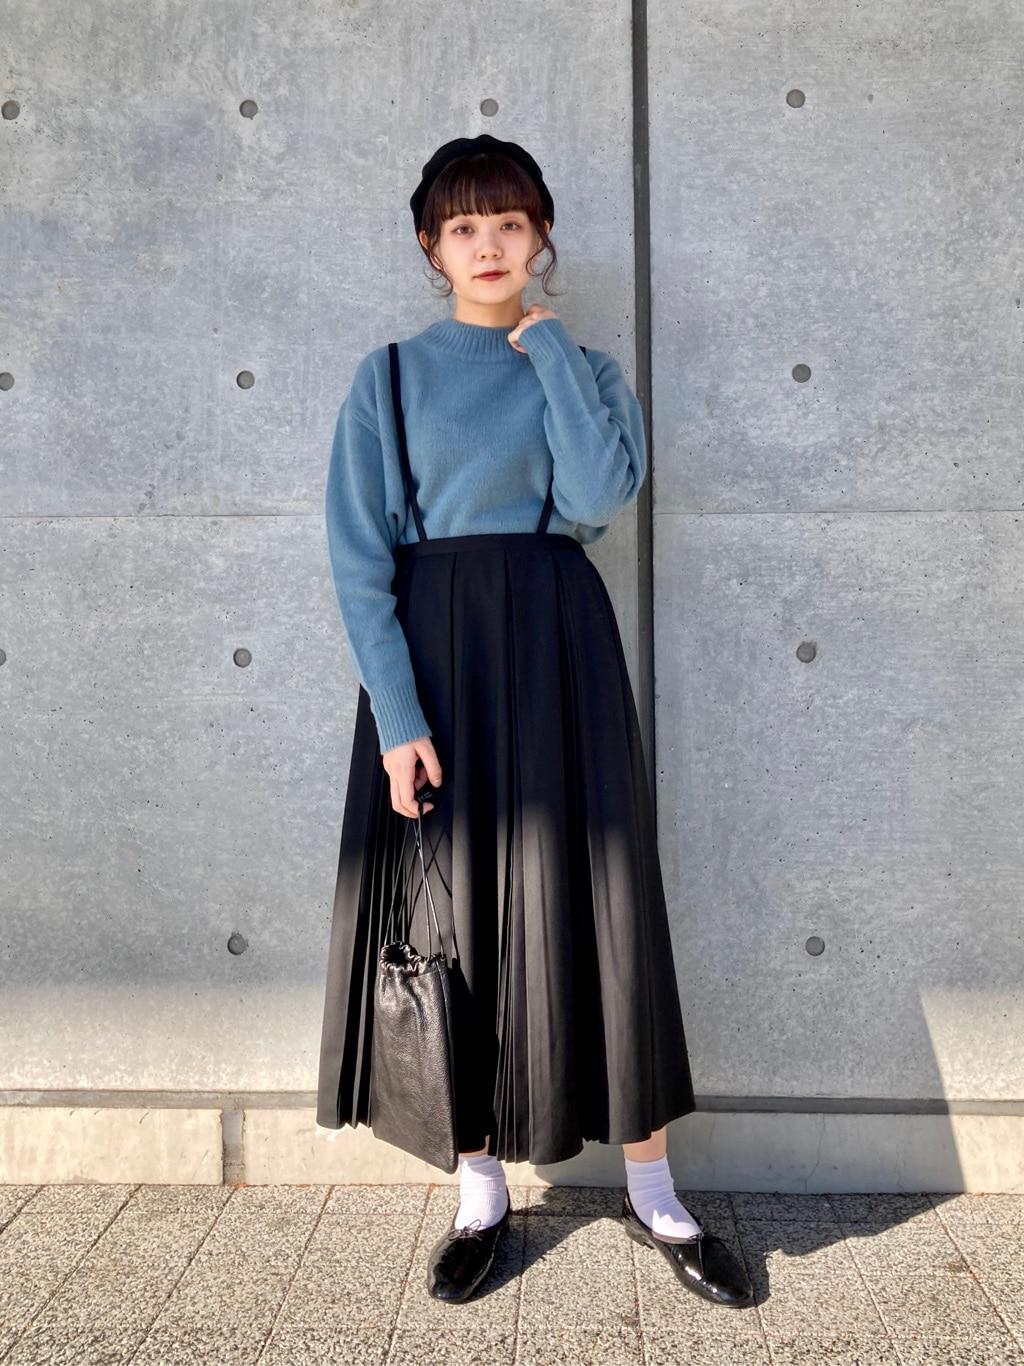 l'atelier du savon 東京スカイツリータウン・ソラマチ 身長:154cm 2020.10.30